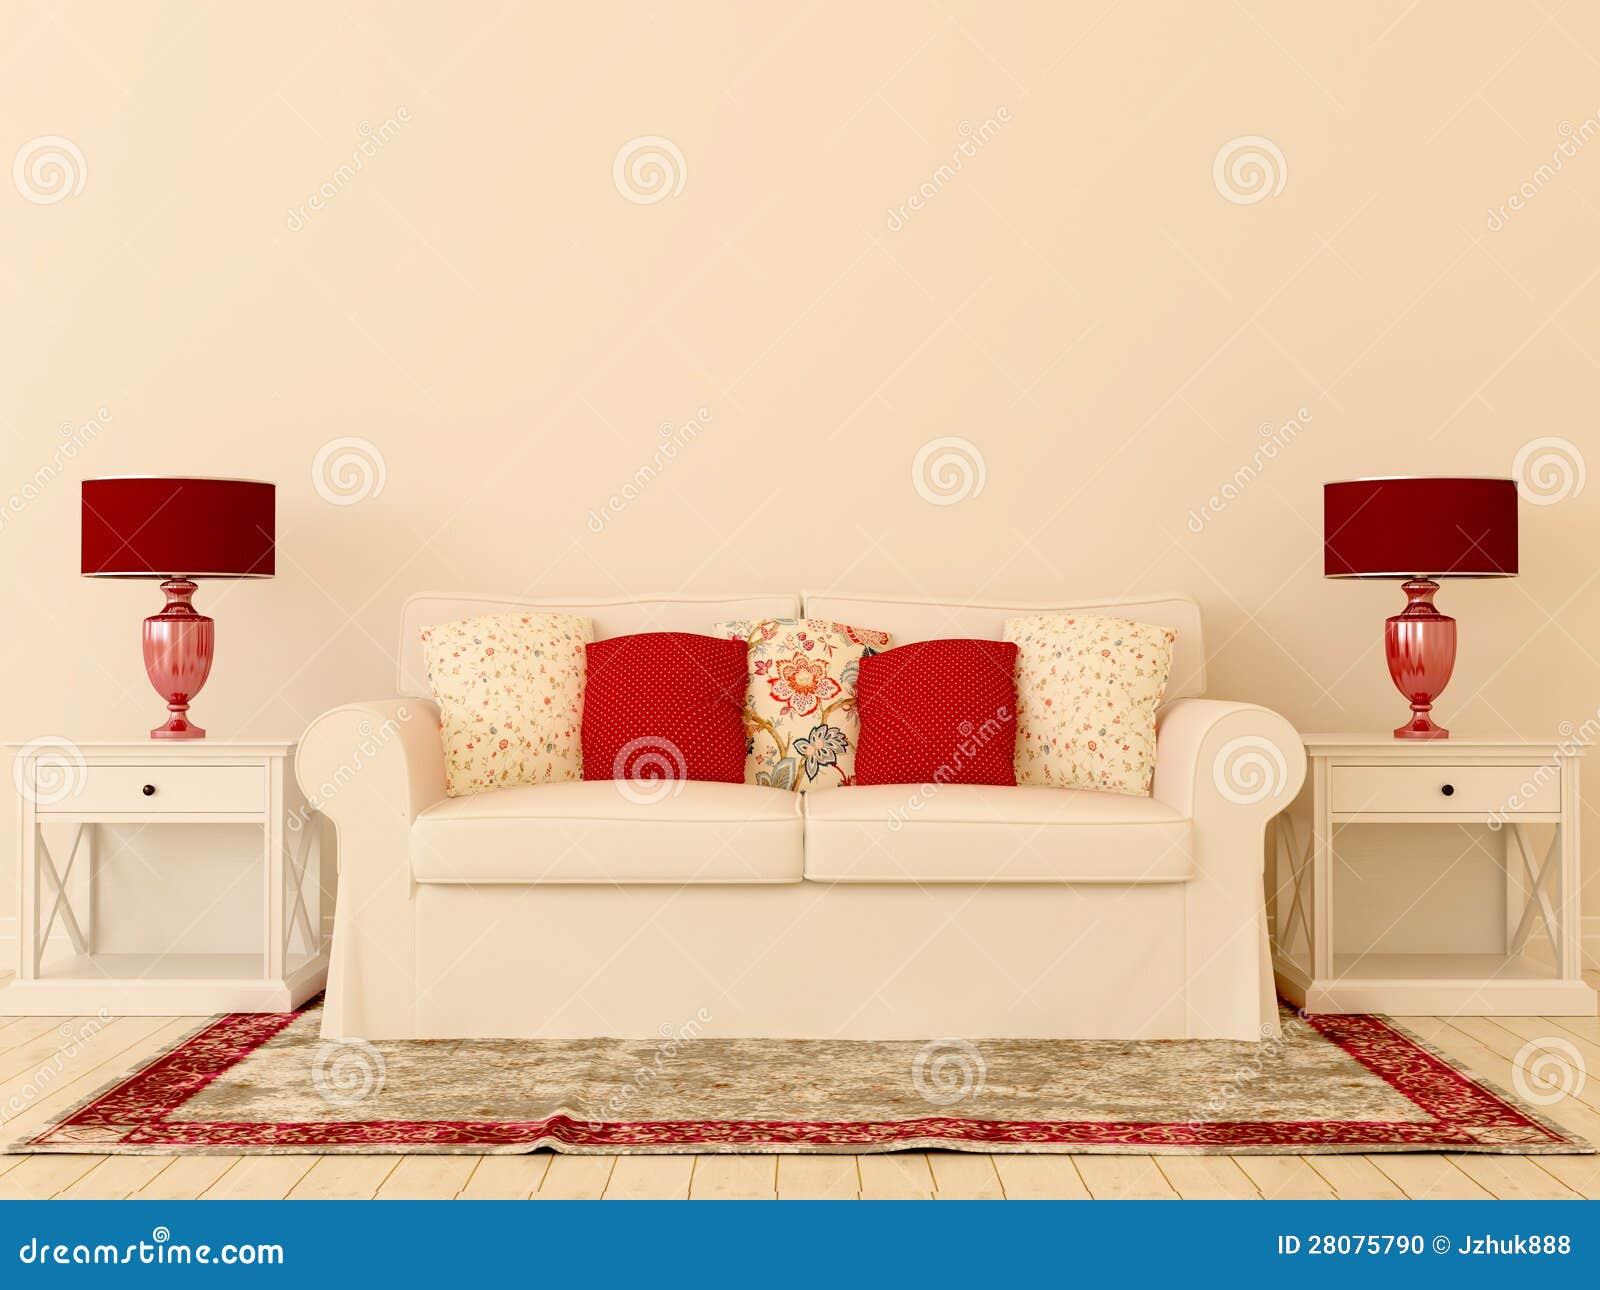 decoracao sofa branco:Composição interior do sofá branco, candeeiros de mesa vermelhos e